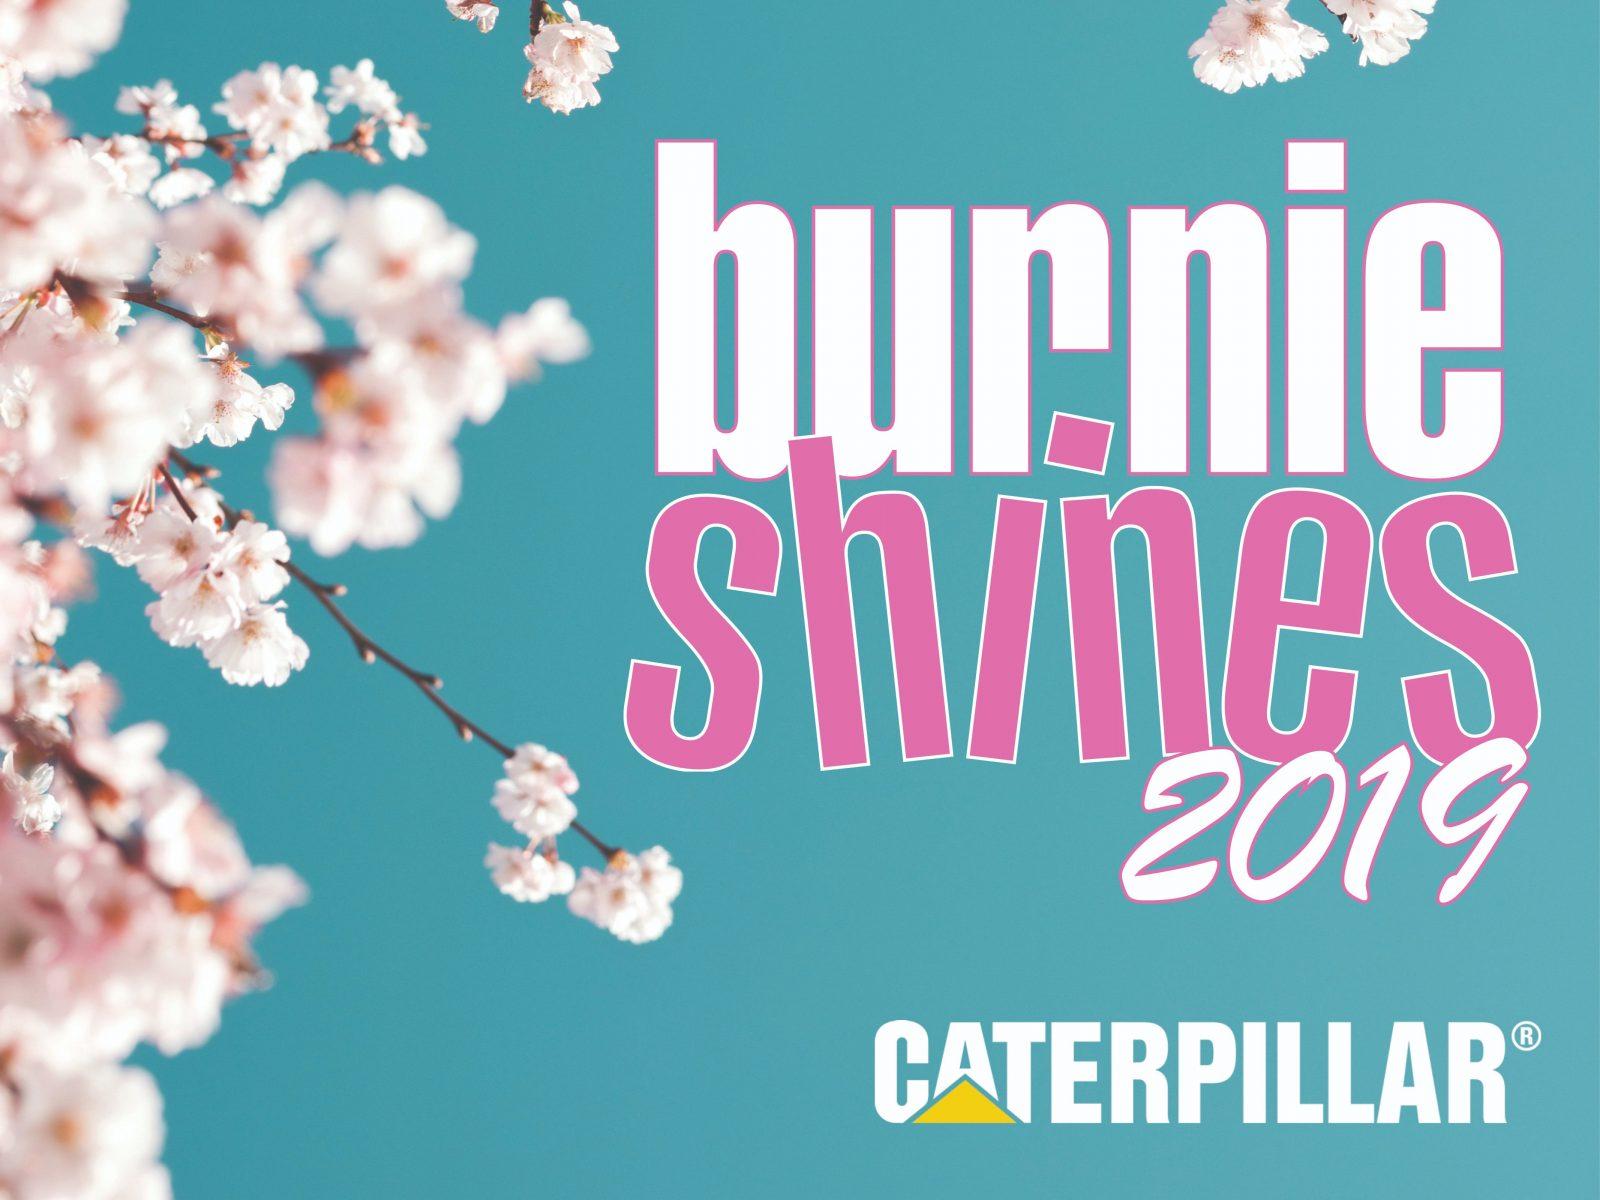 Burnie Shines 2019